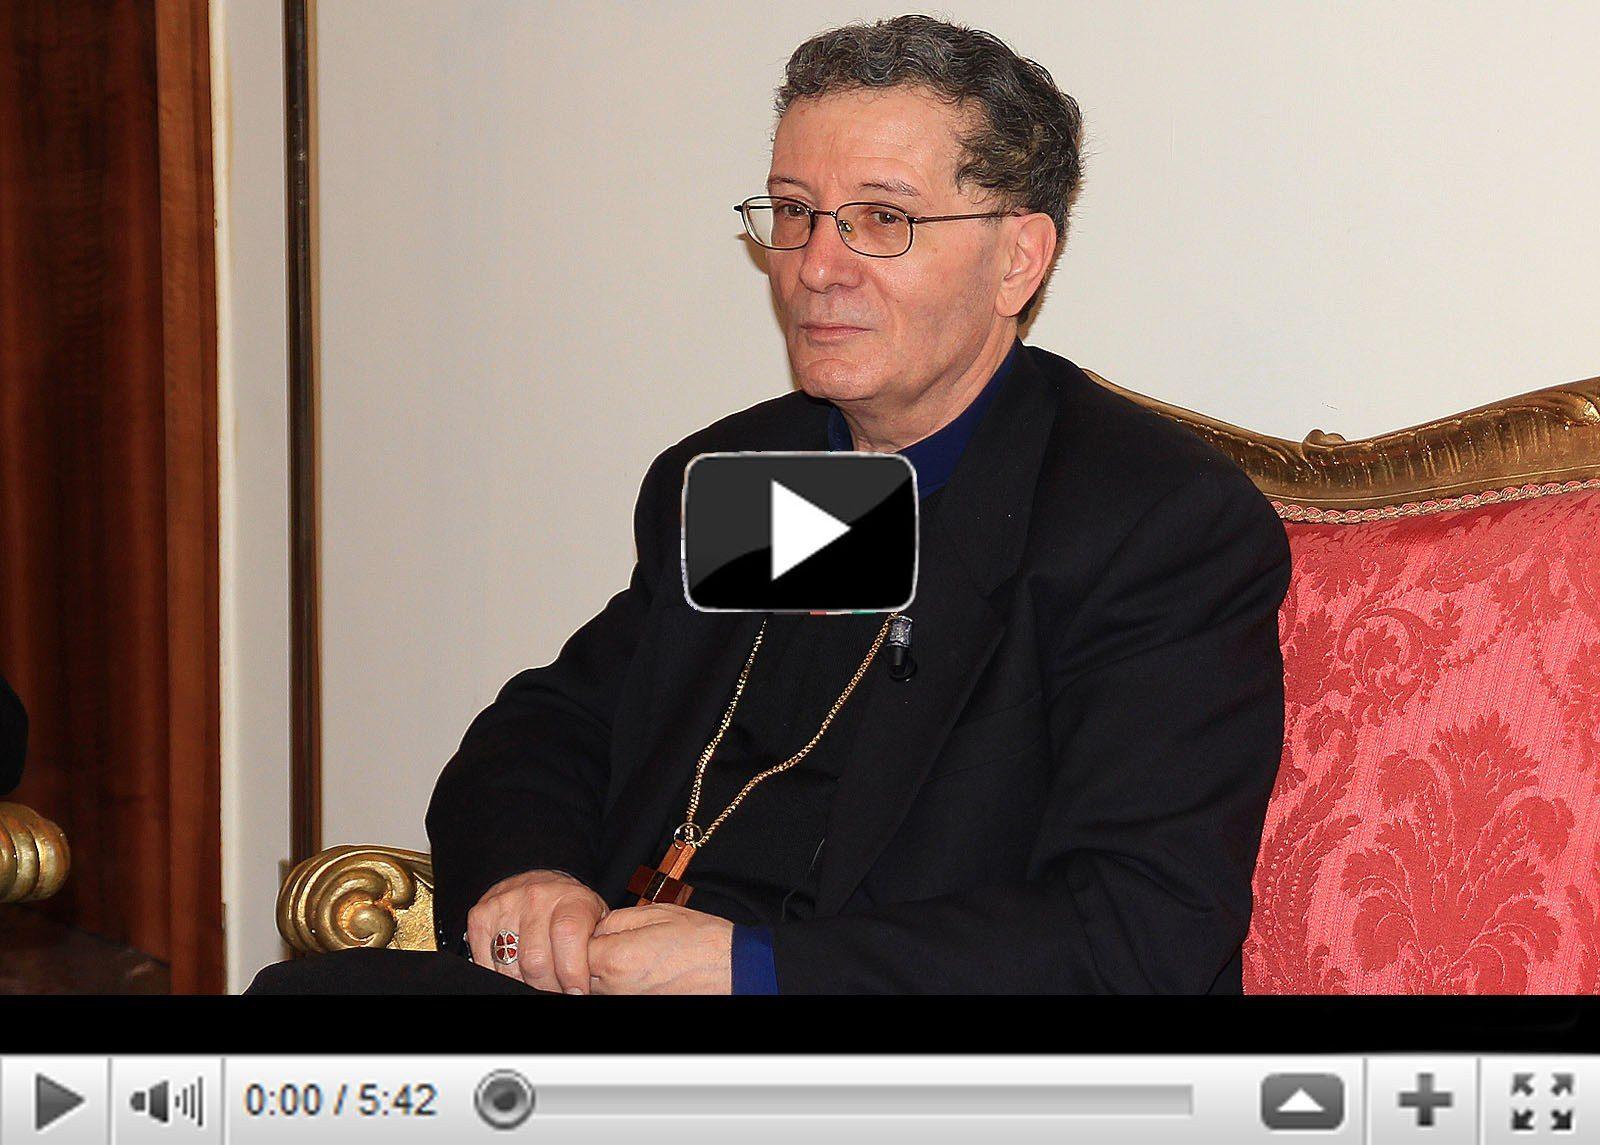 vescovo pietro santoro video